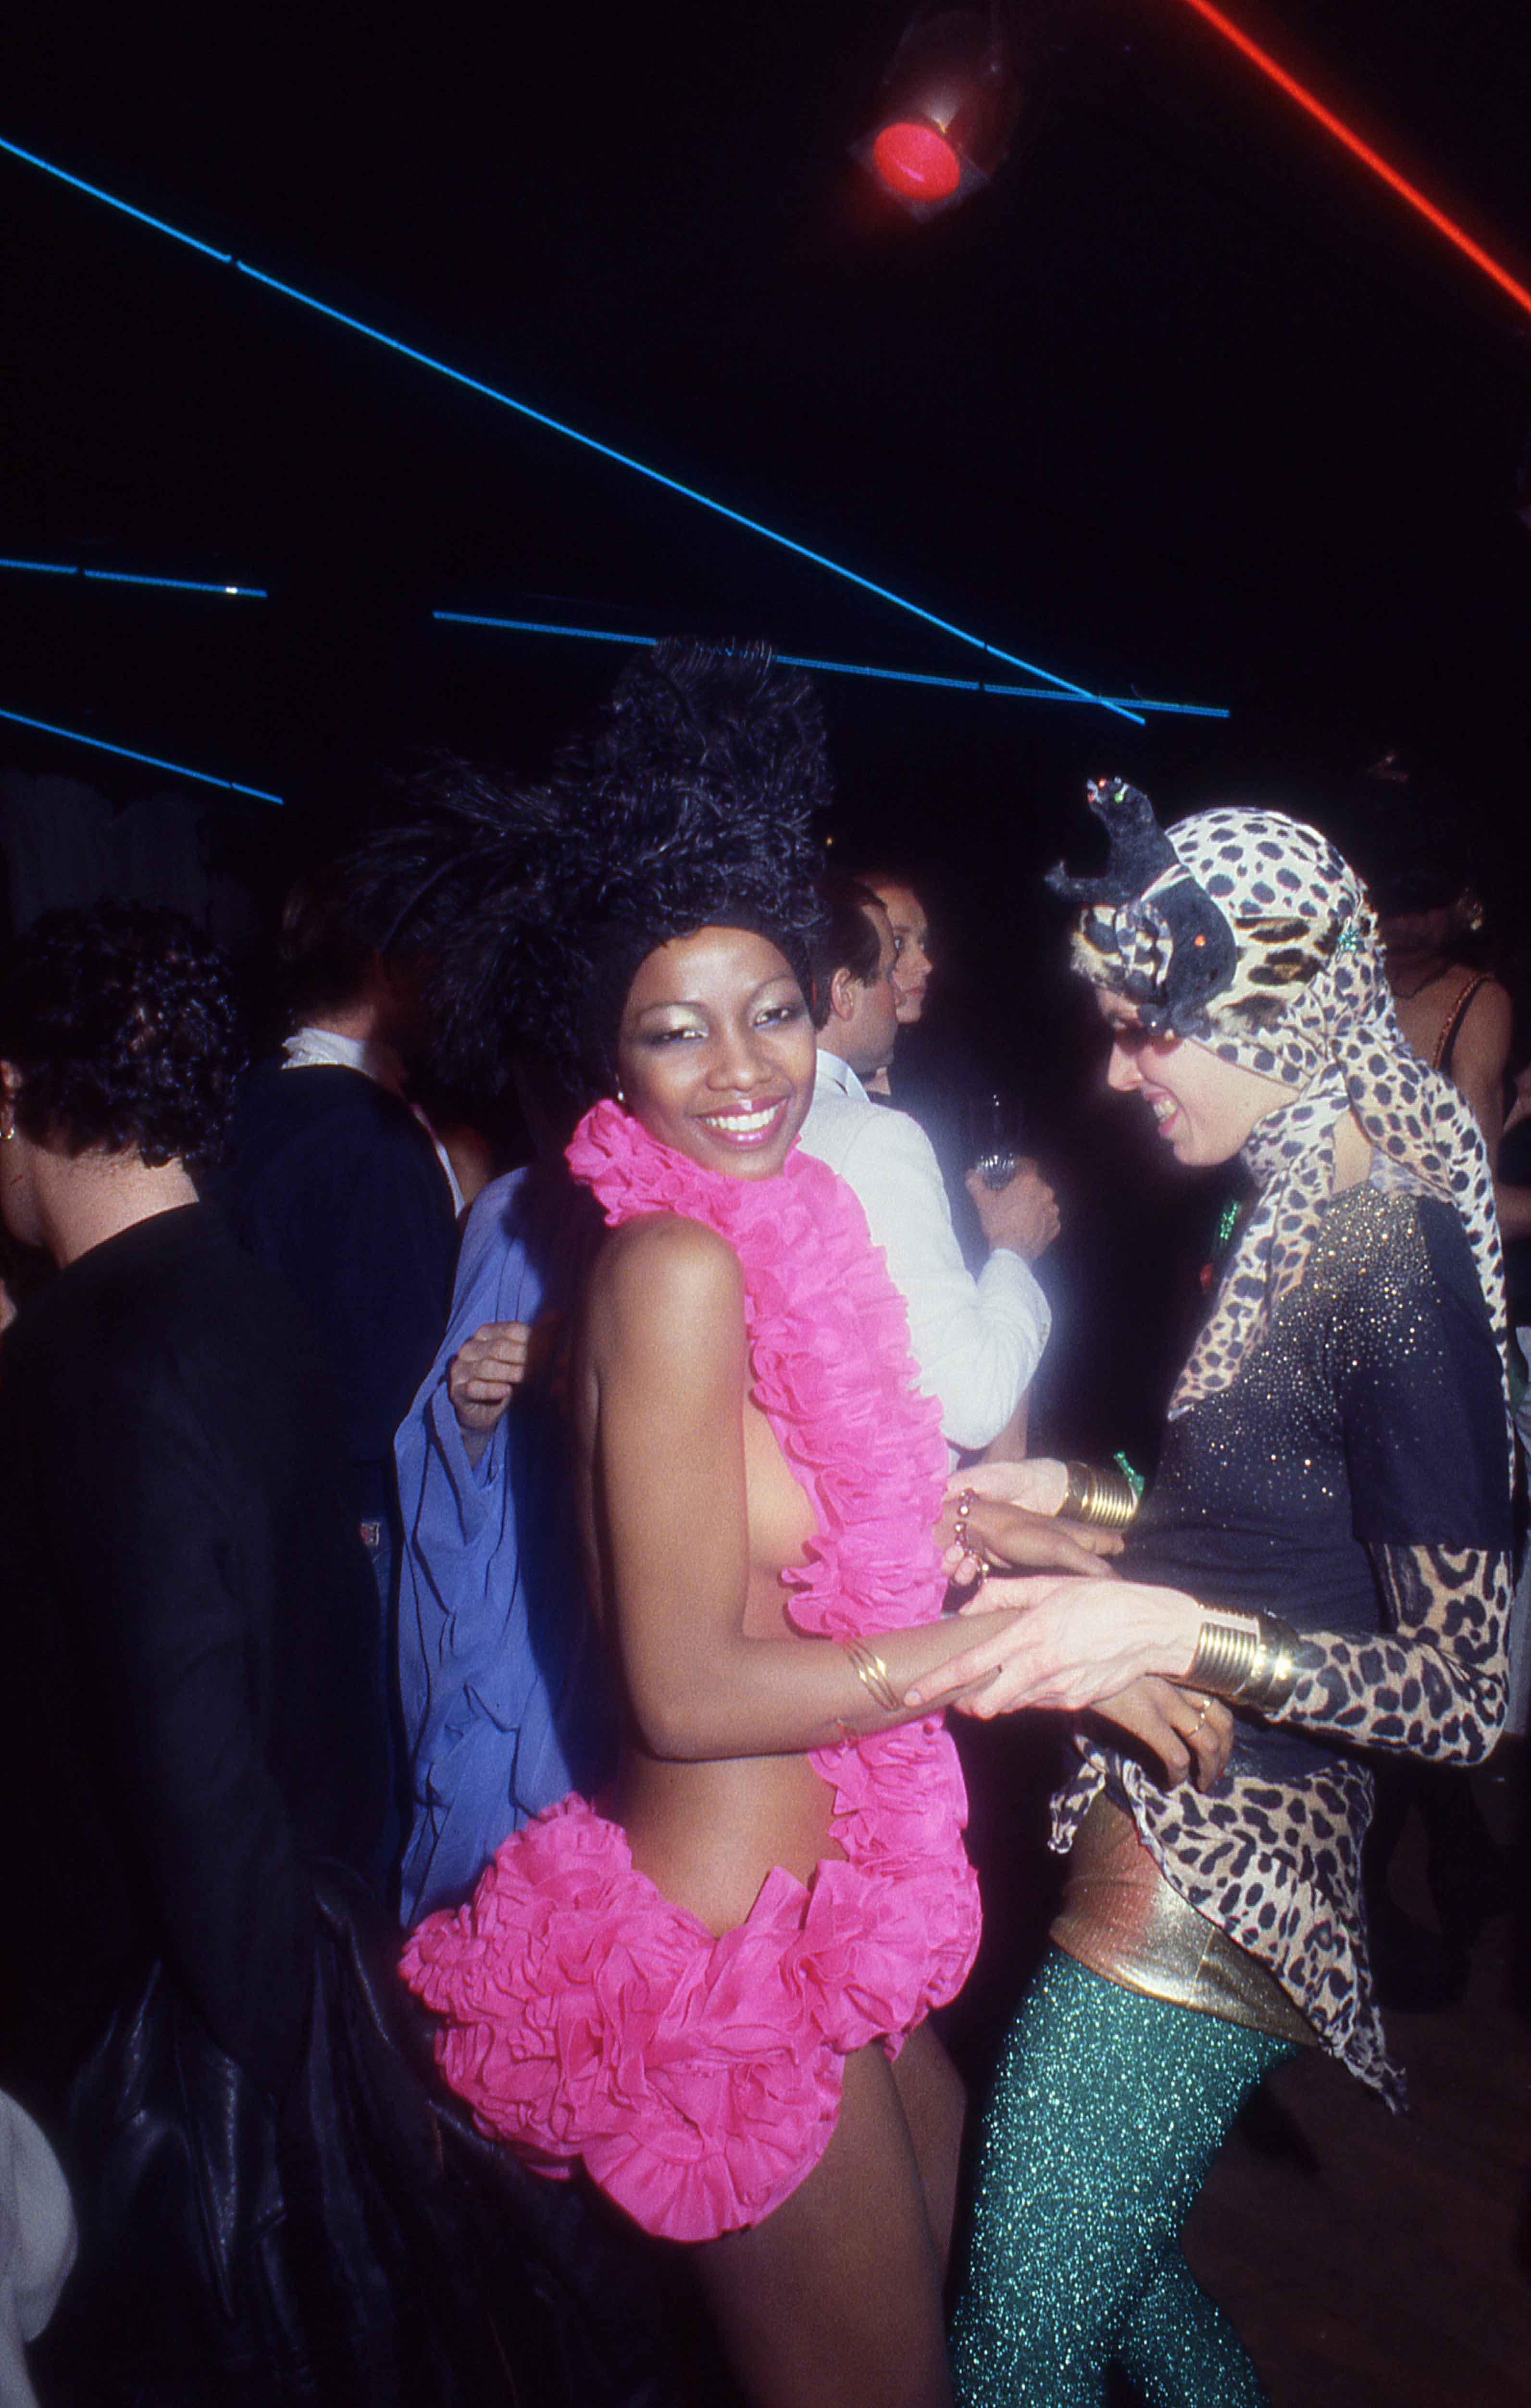 Kenzo Birthday - Le Palace - 11 mars 1978 © Philippe Heurtault